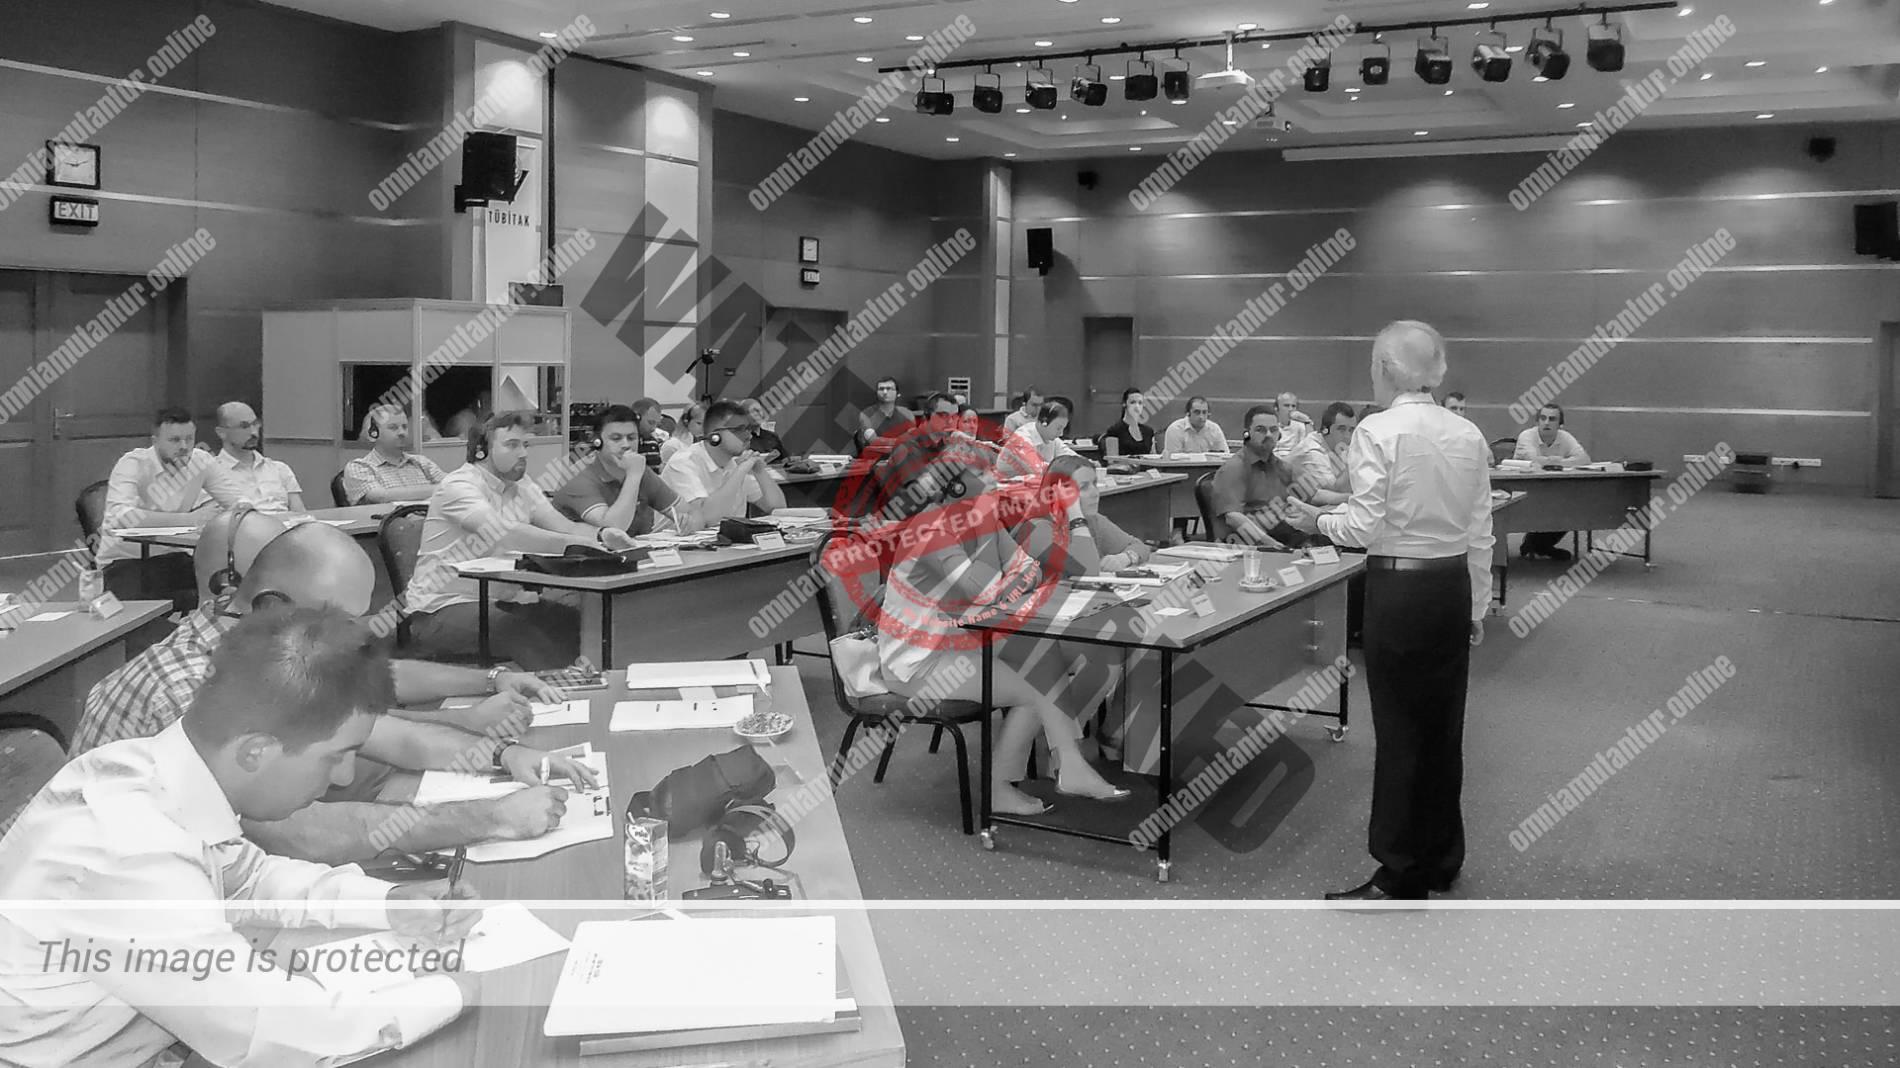 Süleyman Gedik Tüsside Tübitak Bosna Bosnia Konferansı Gebze